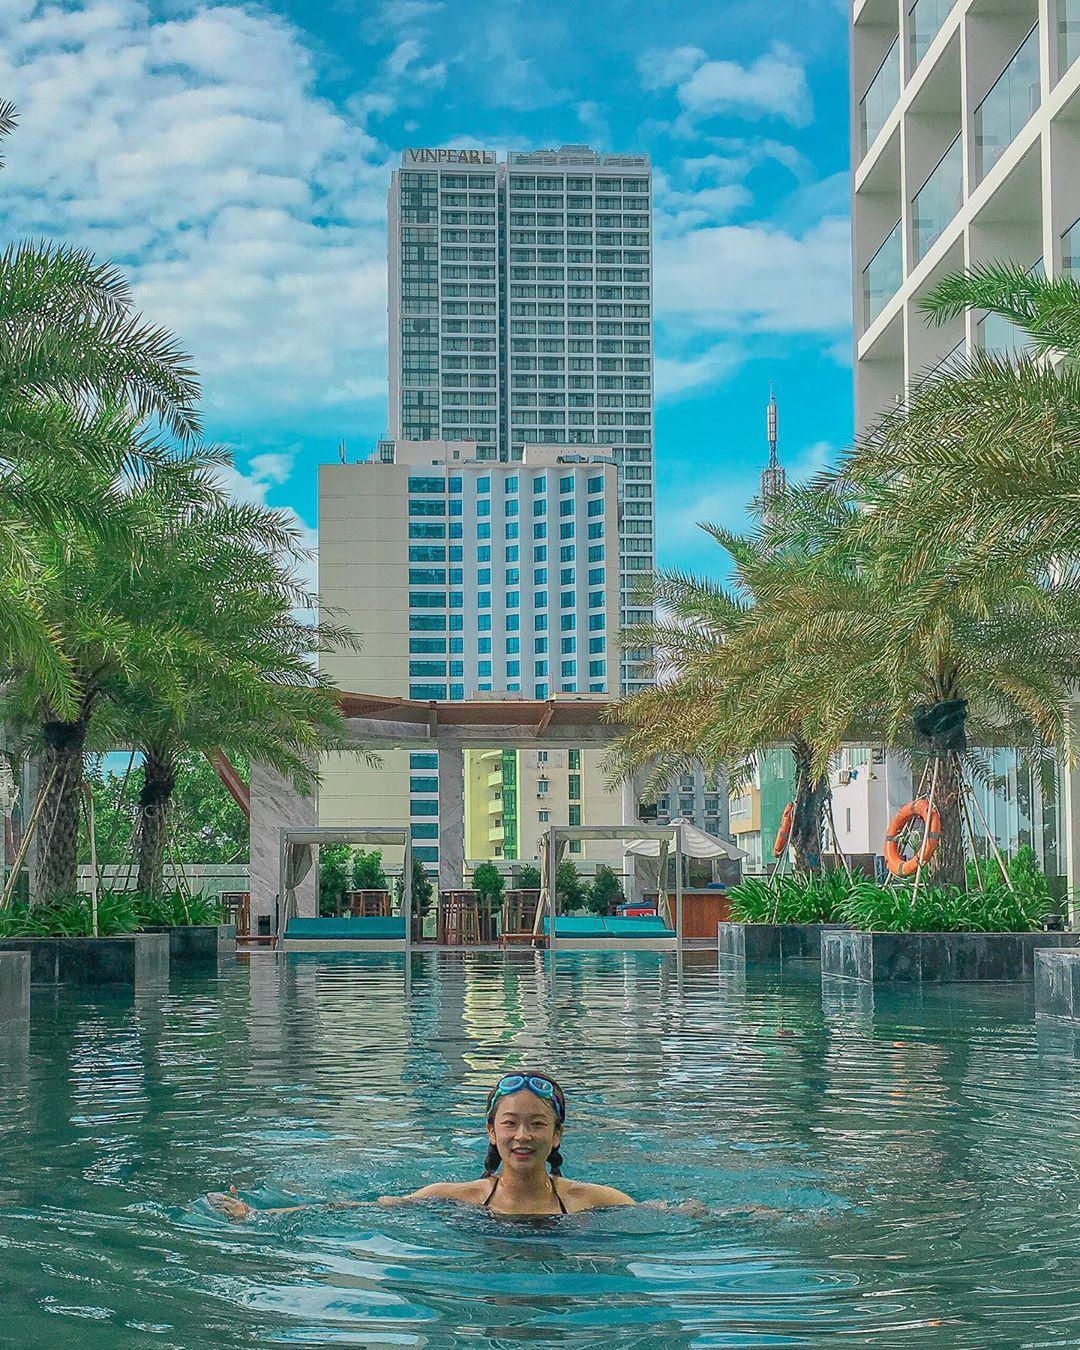 Rủ nhau check in khu căn hộ khách sạn 5 sao siêu sang giá siêu hời - Ảnh 6.